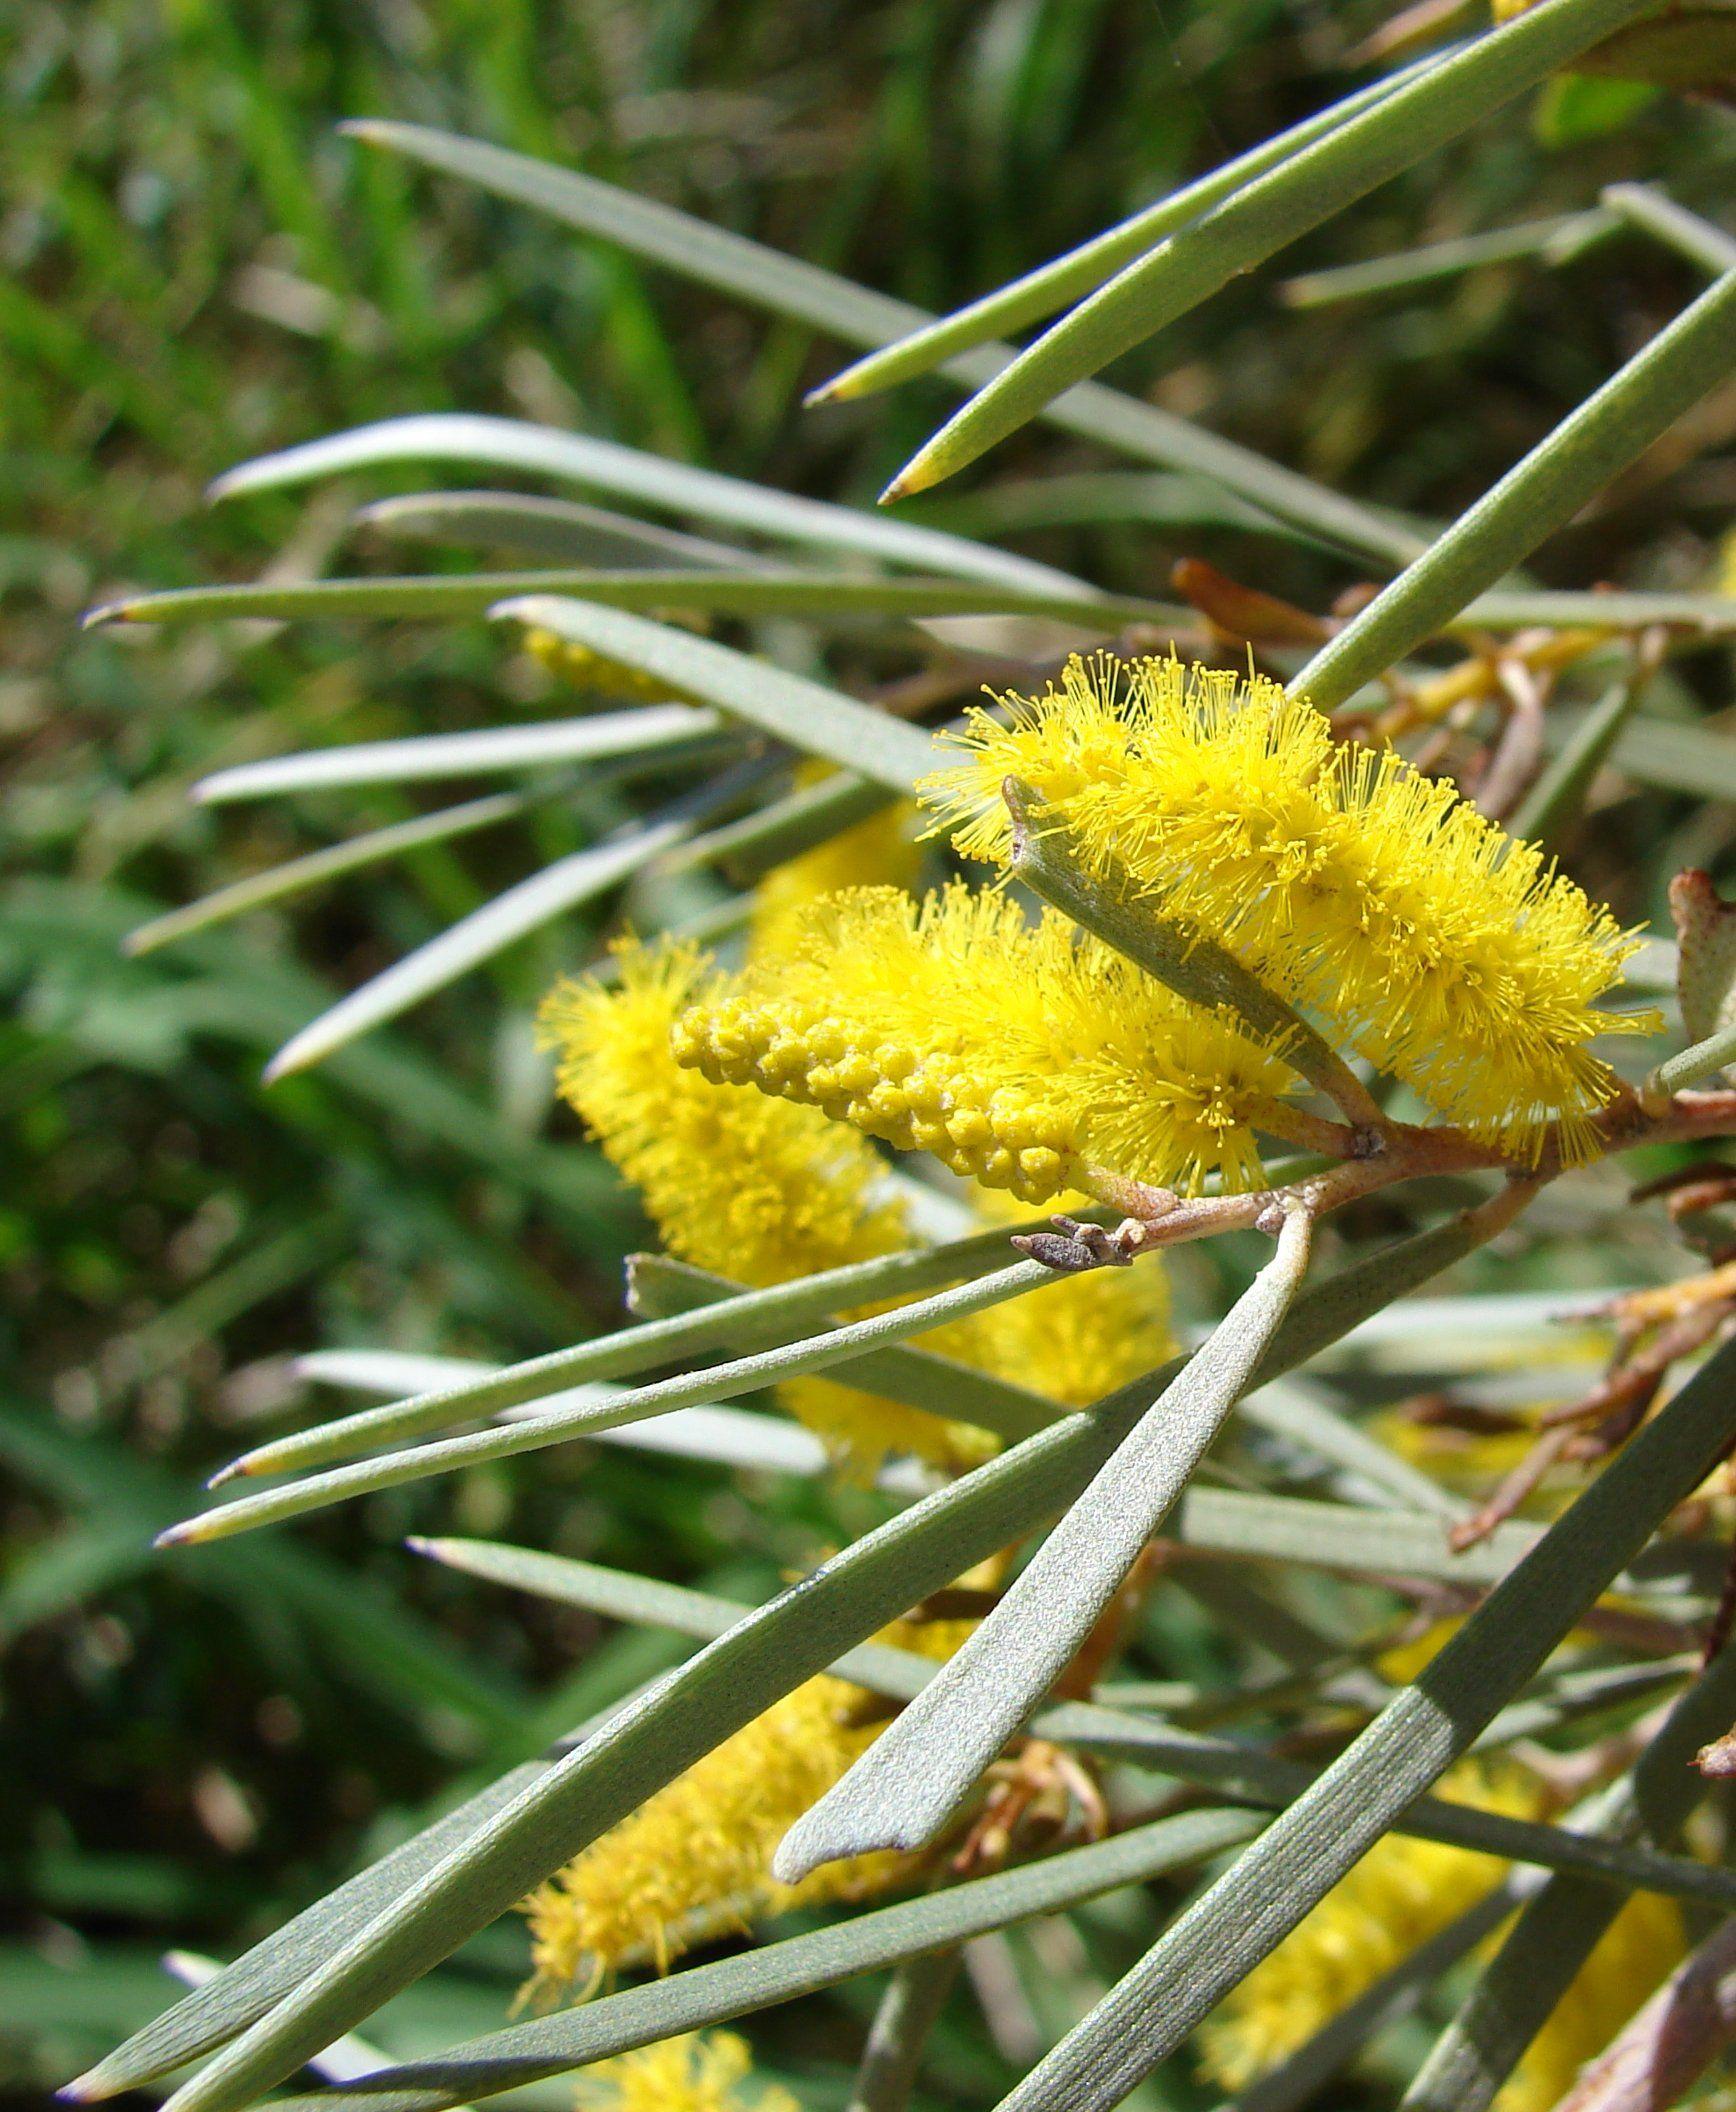 Mulga Acacia Acacia Aneura Are Dense Timbered Trees Native To Arid Outback Australia The Leave Australian Plants Australian Native Plants Landscaping Plants